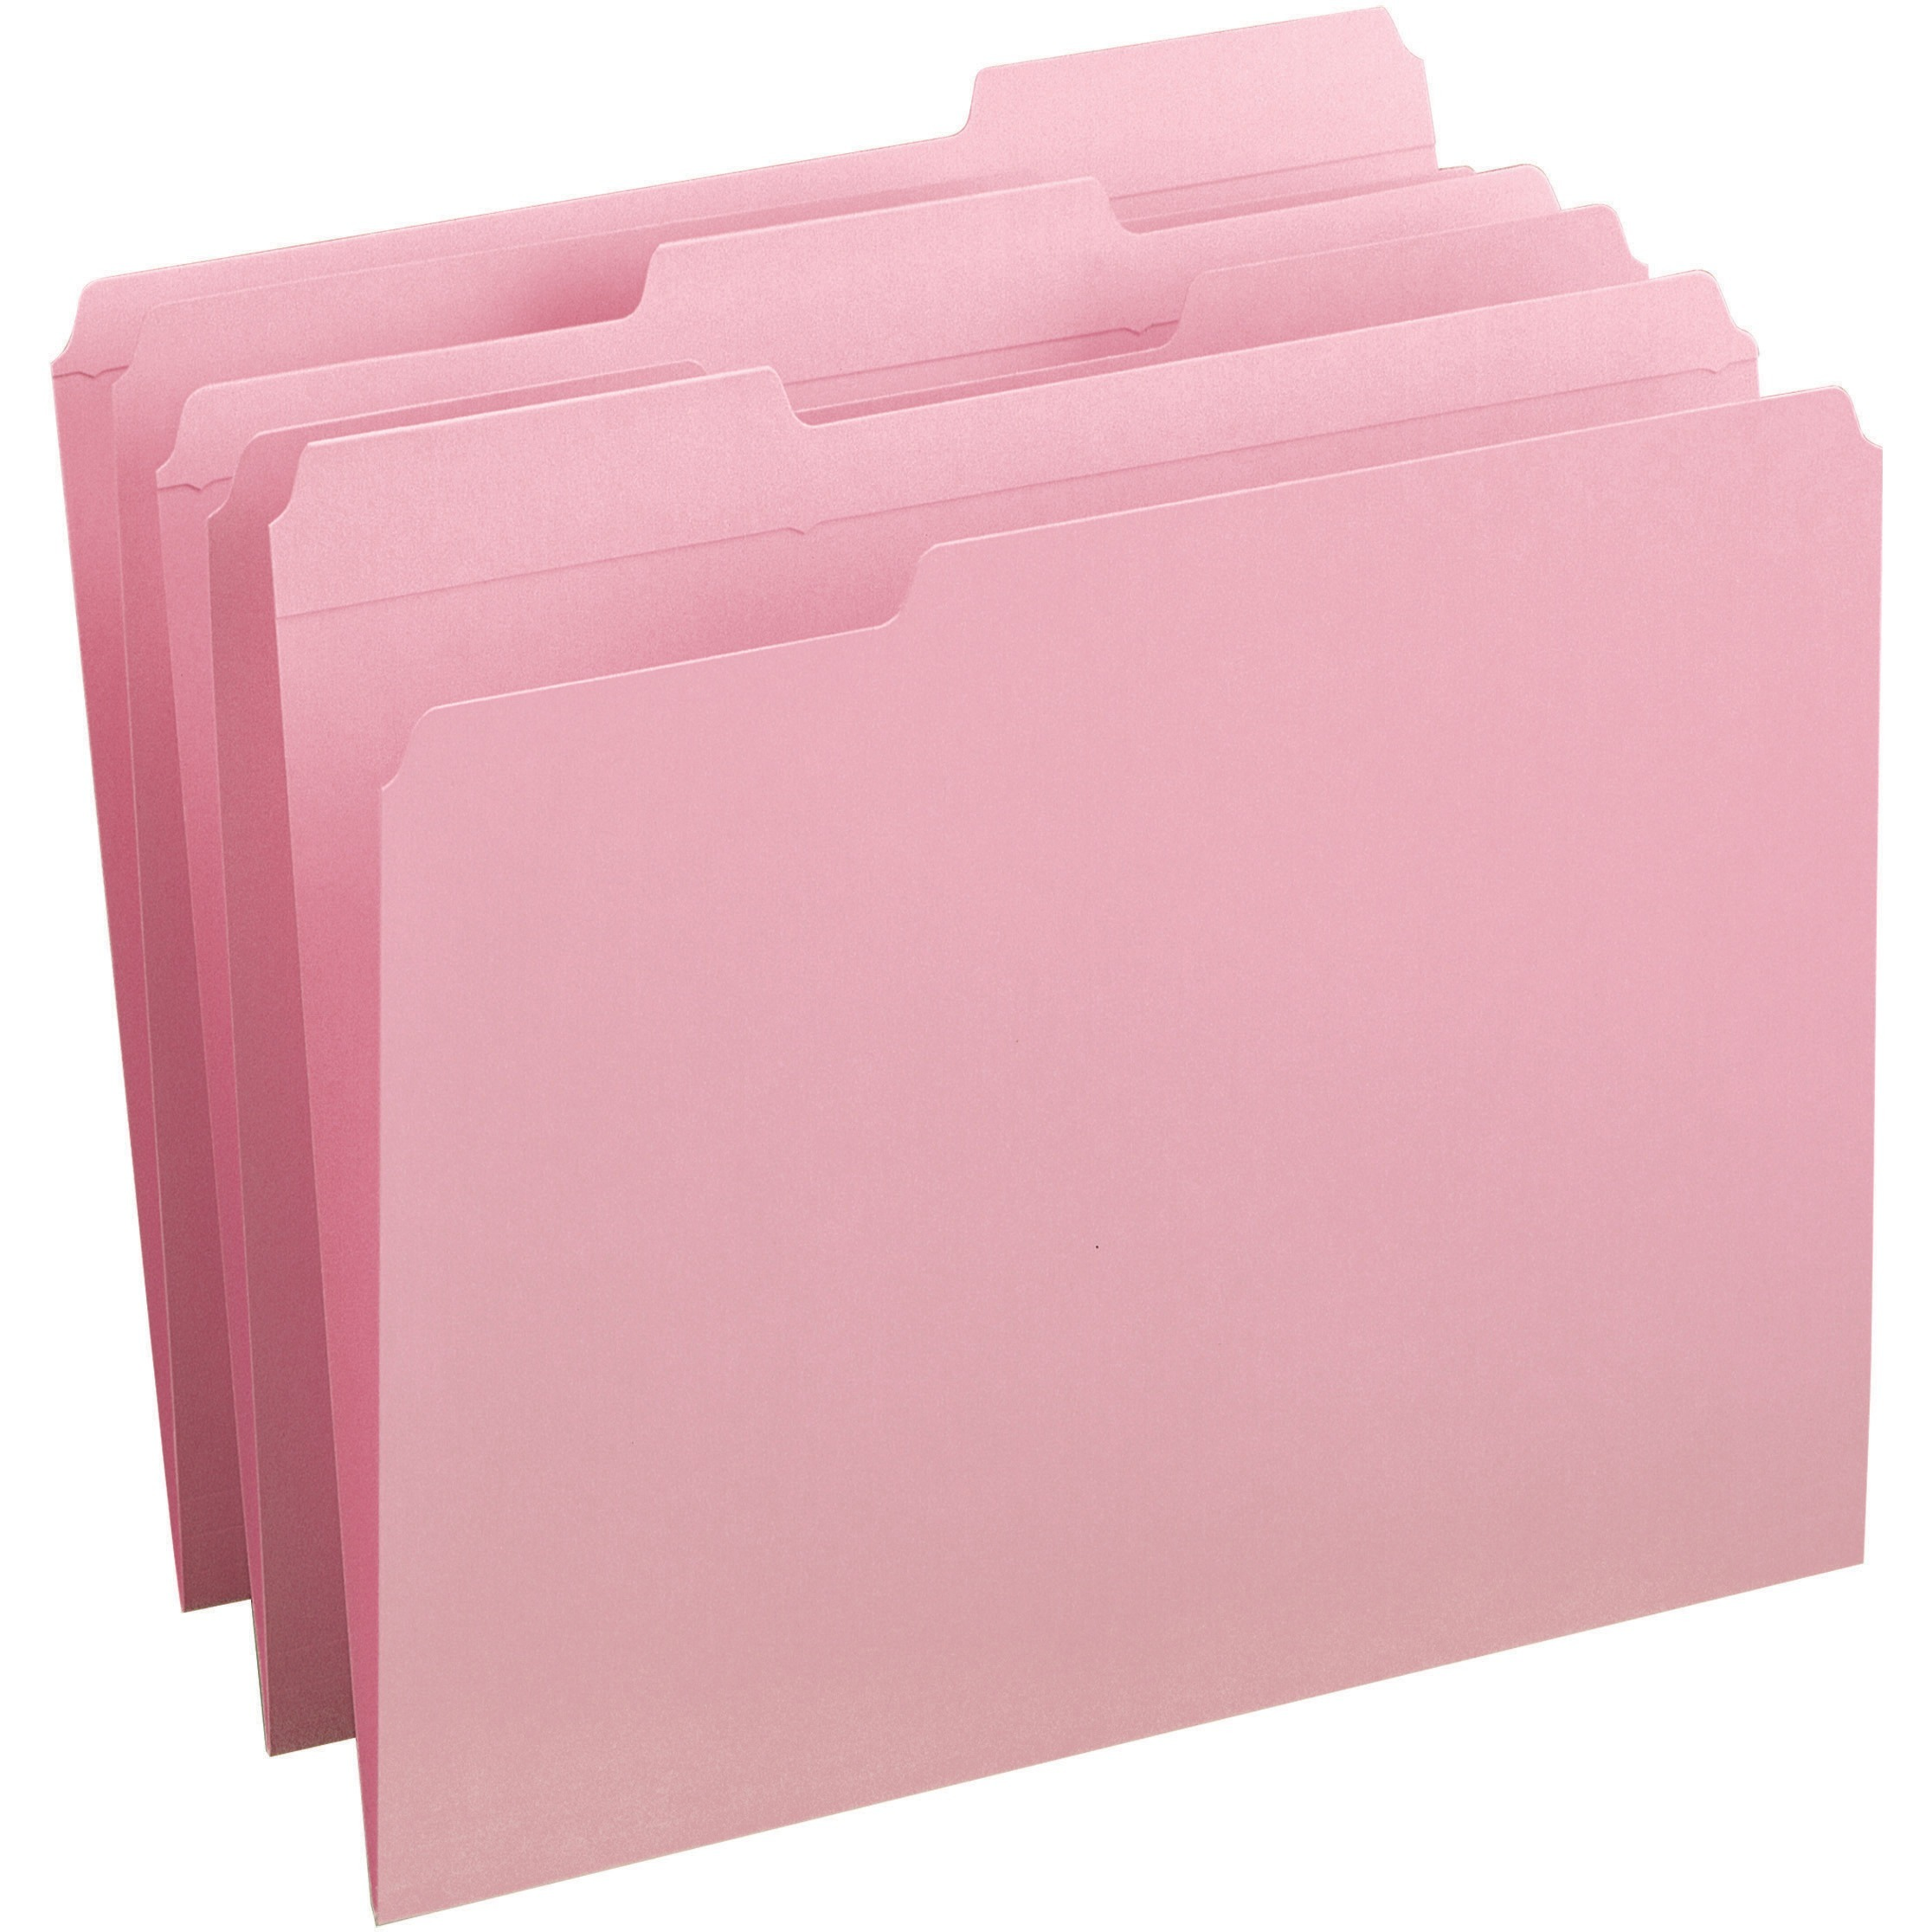 File Folders, 1/3 Cut, Reinforced Top Tab, Letter, Pink, 100/Box